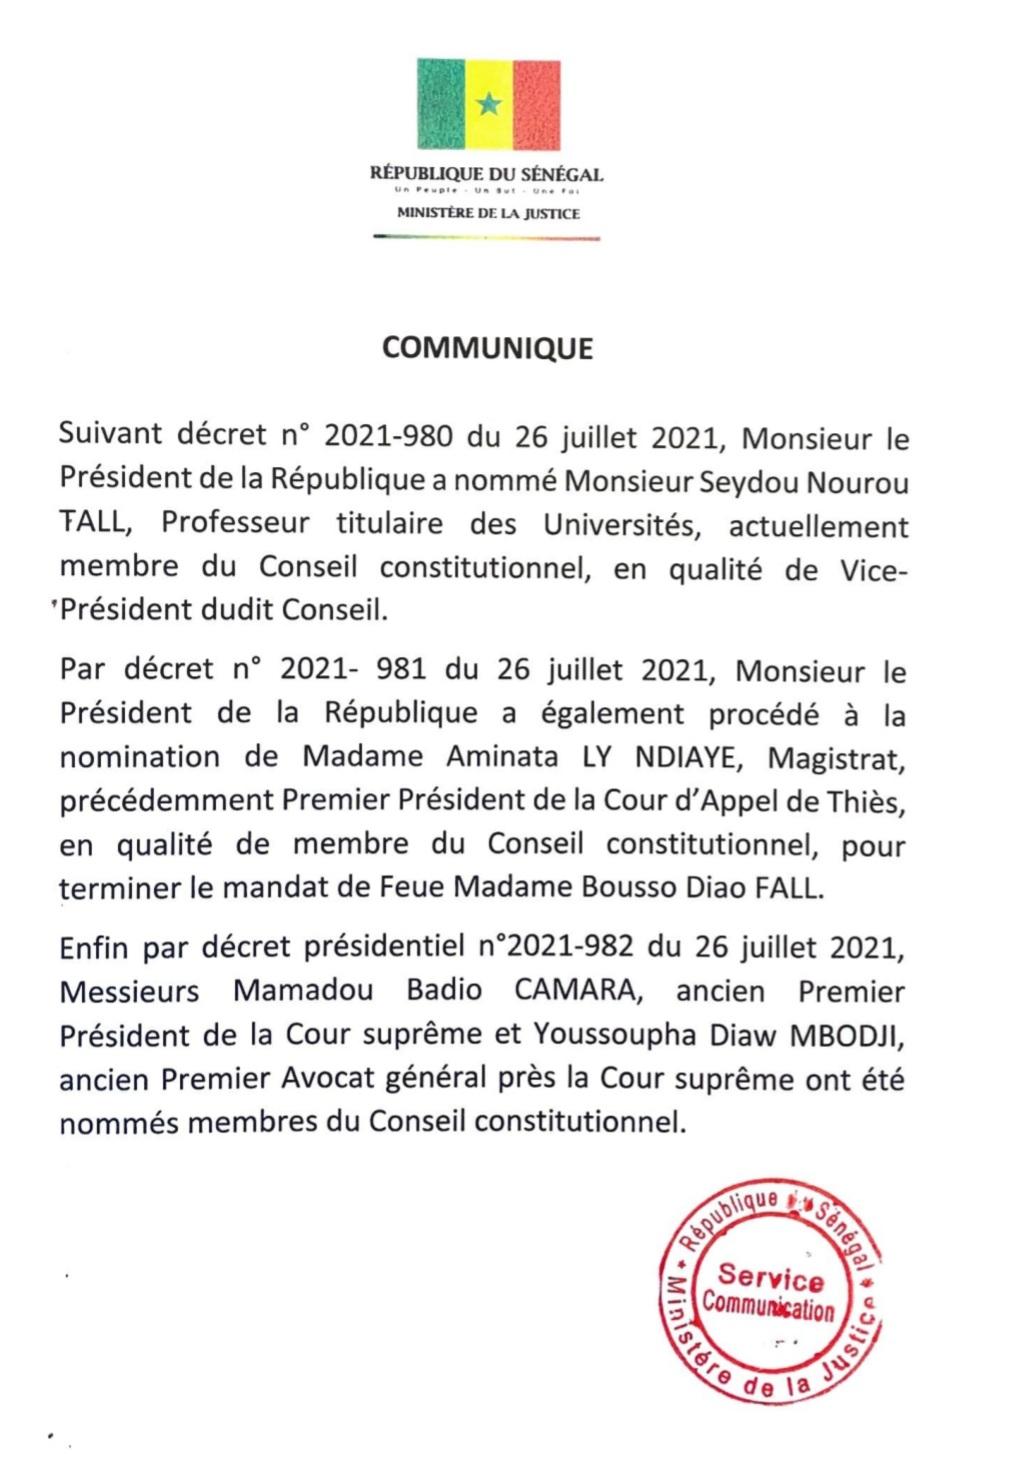 Conseil Constitutionnel : Le Président Sall nomme trois nouveaux membres et un vice président